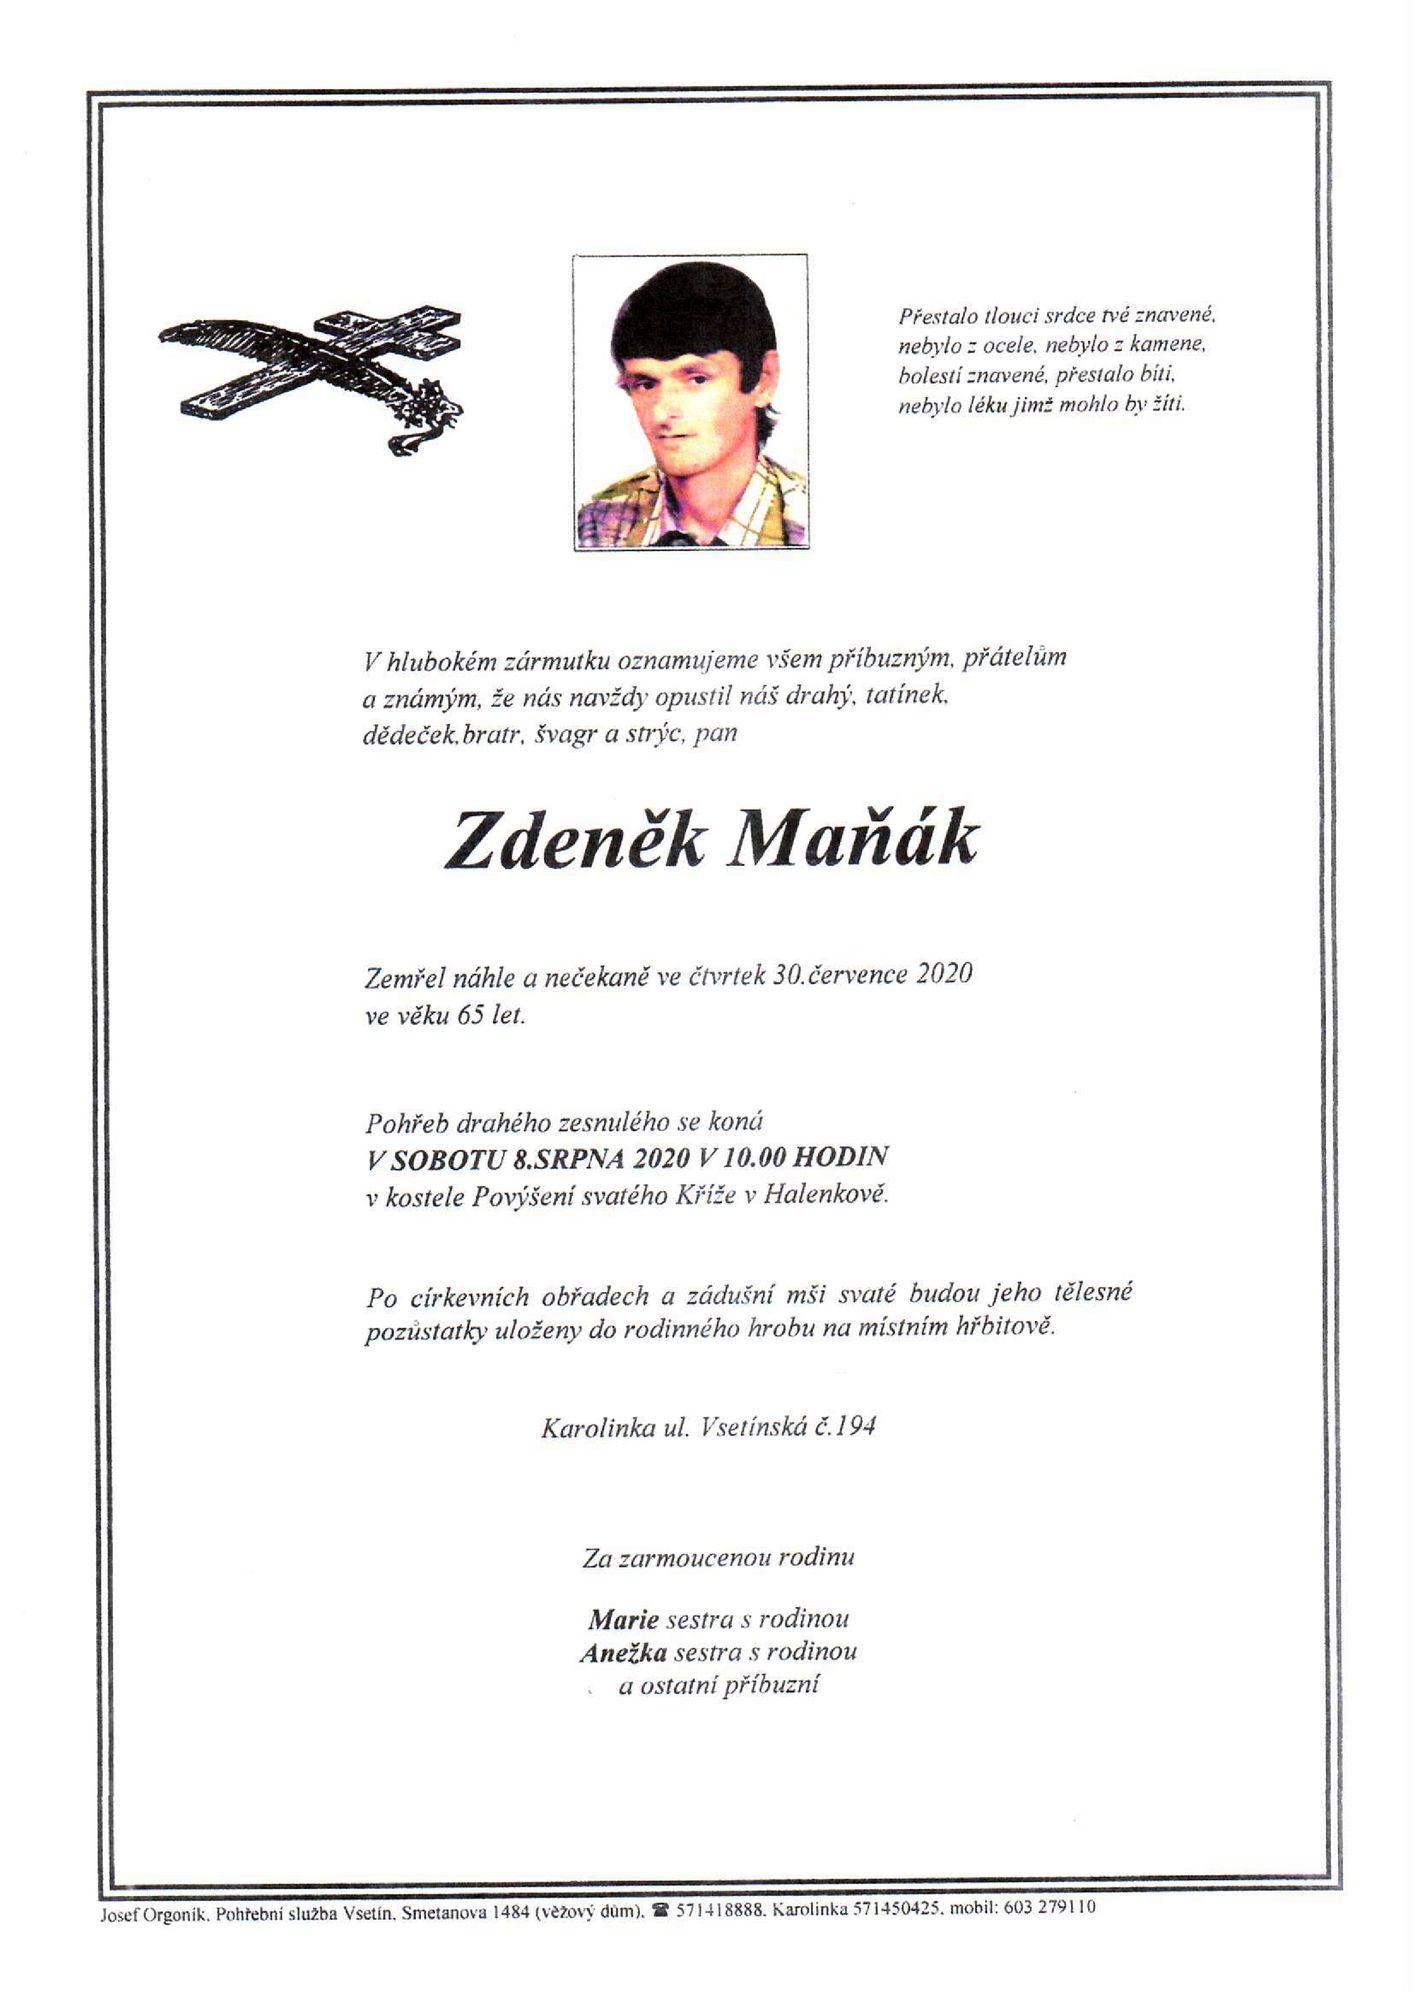 Zdeněk Maňák